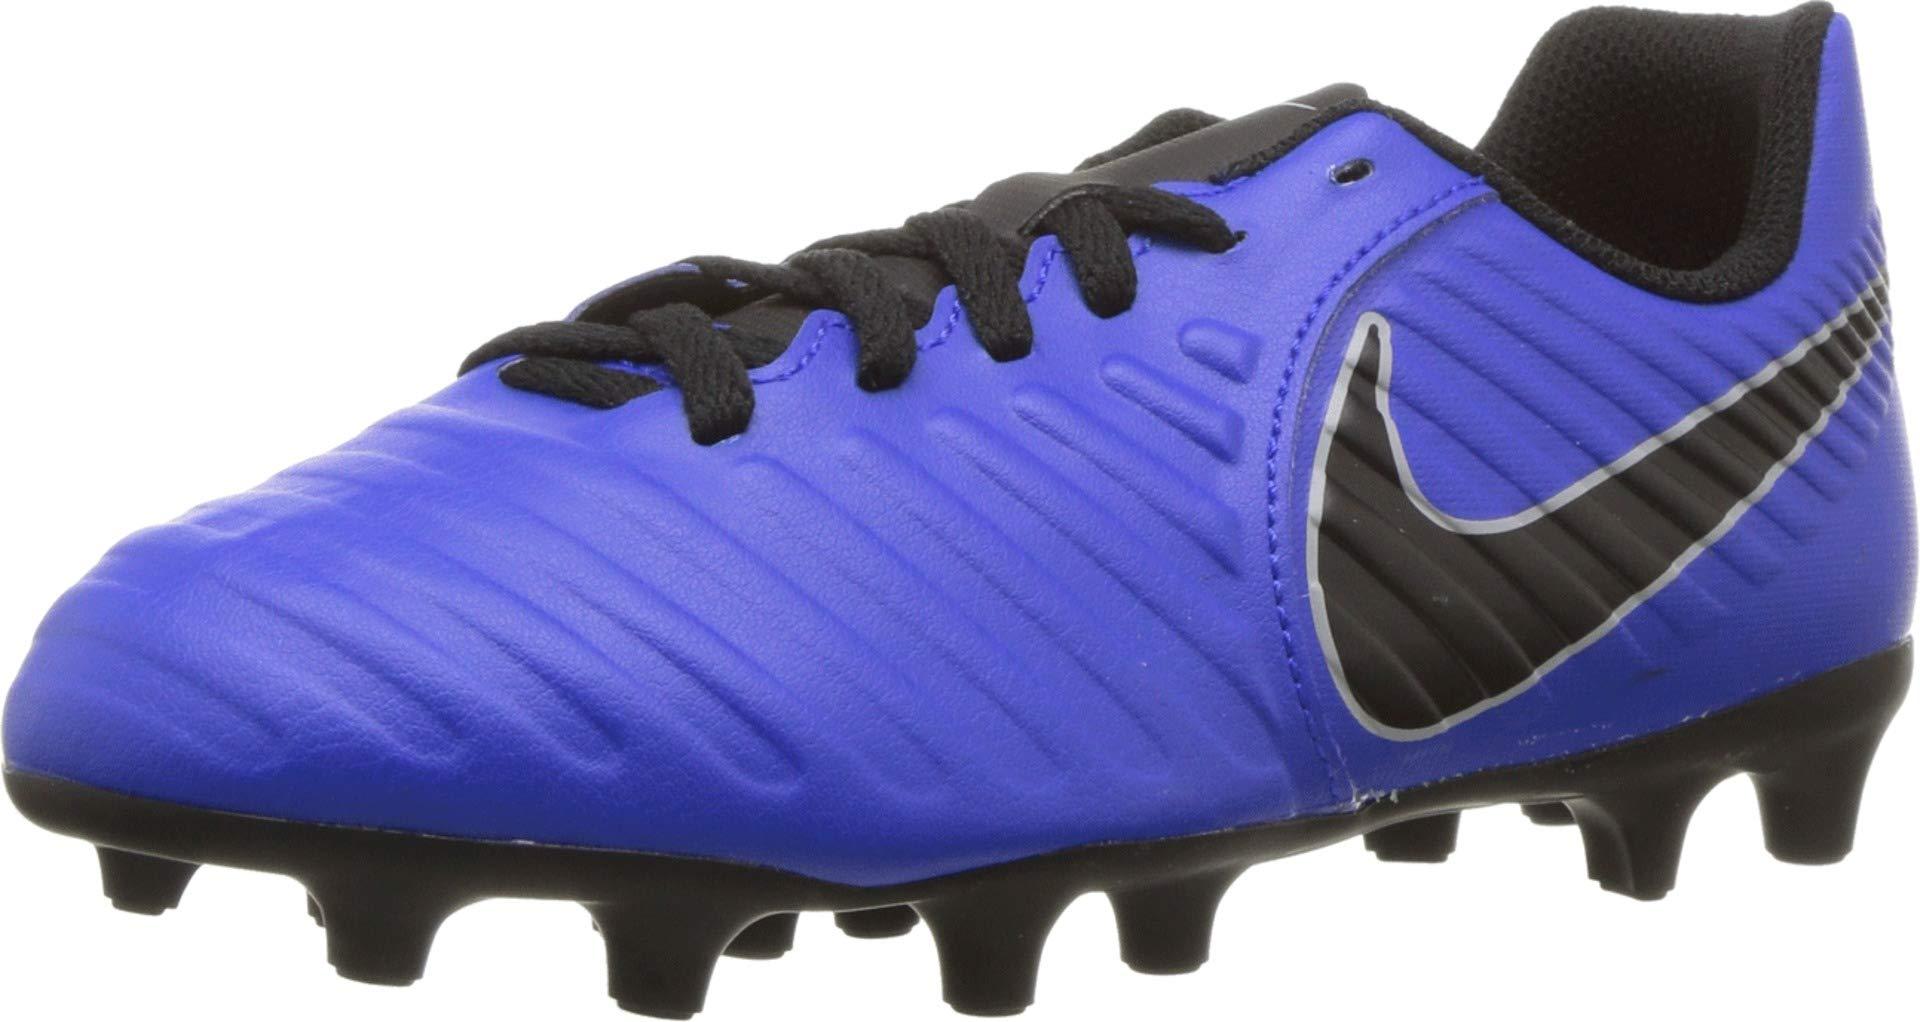 Nike JR. Legend 7 Club FG (9.5) Blue